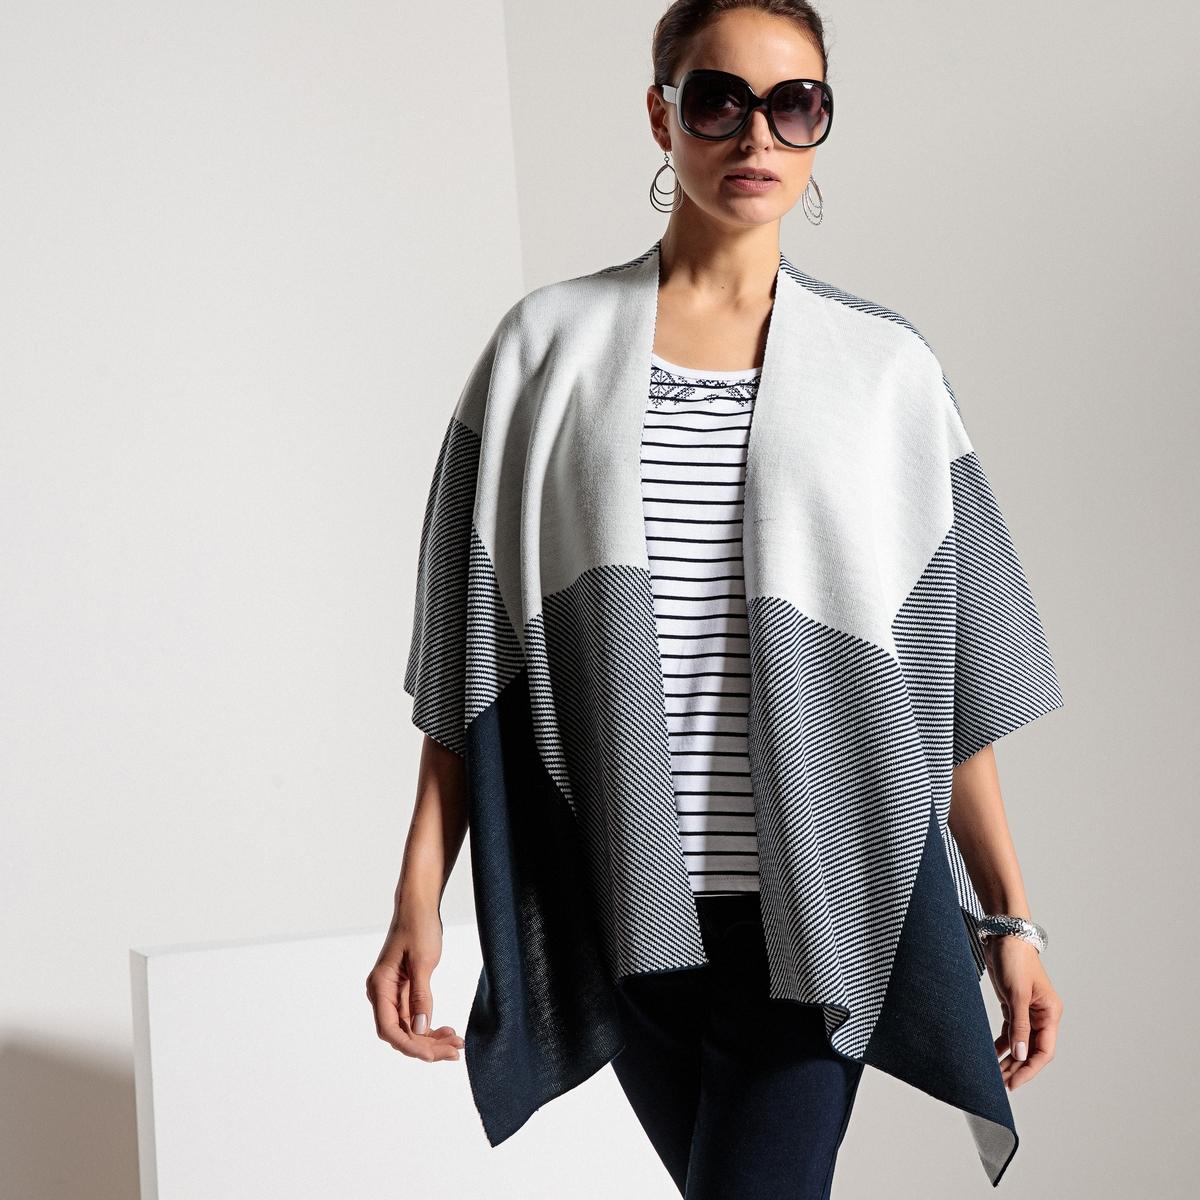 Кардиган с V-образным вырезом из тонкого трикотажа пуловер из плотного трикотажа с v образным вырезом